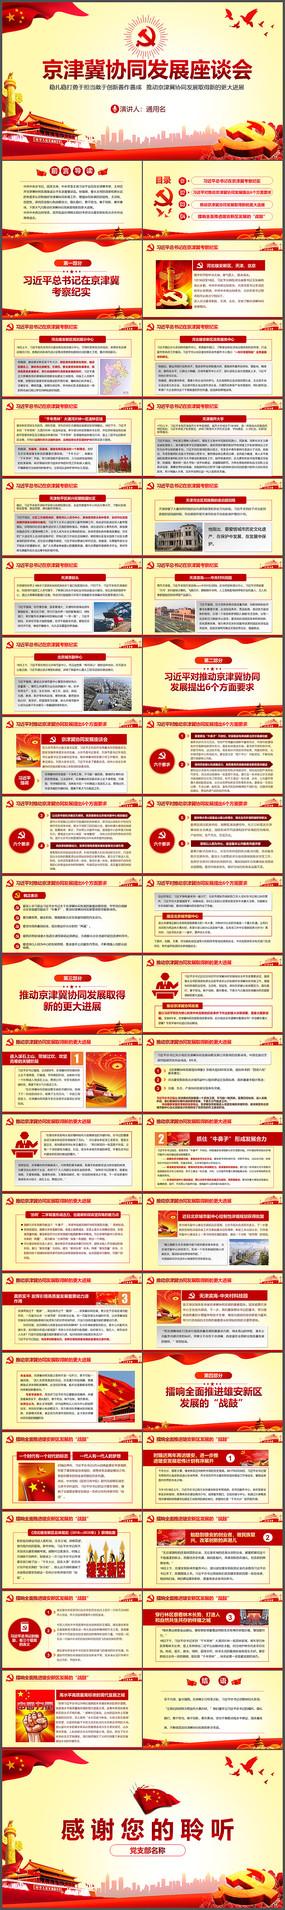 京津冀协同发展座谈会课件ppt